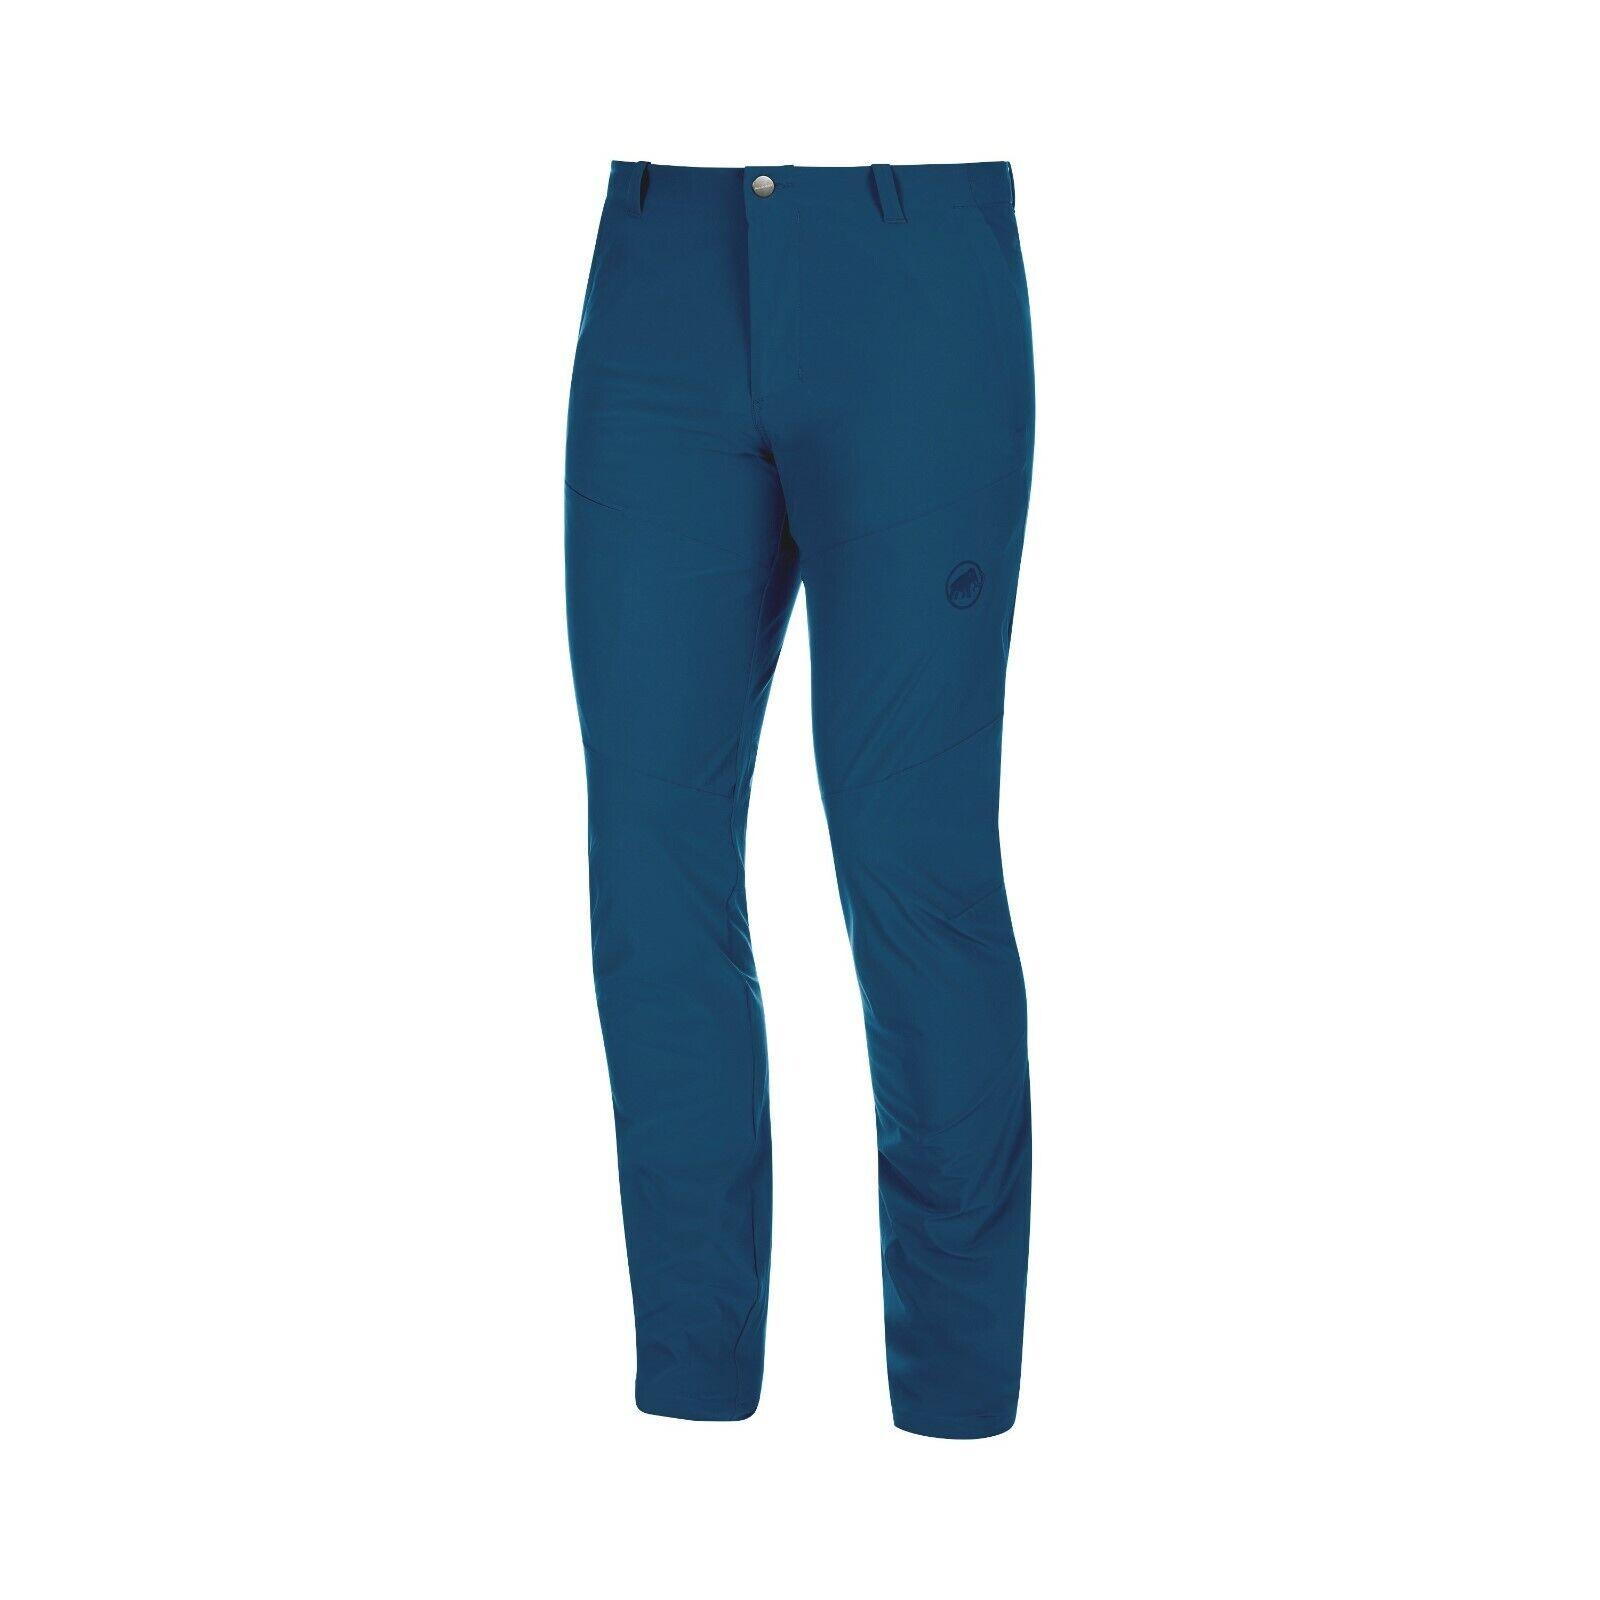 Mammut Runbold Pants Men Lightweight Elastic Outdoor Trousers for Men Poseidon